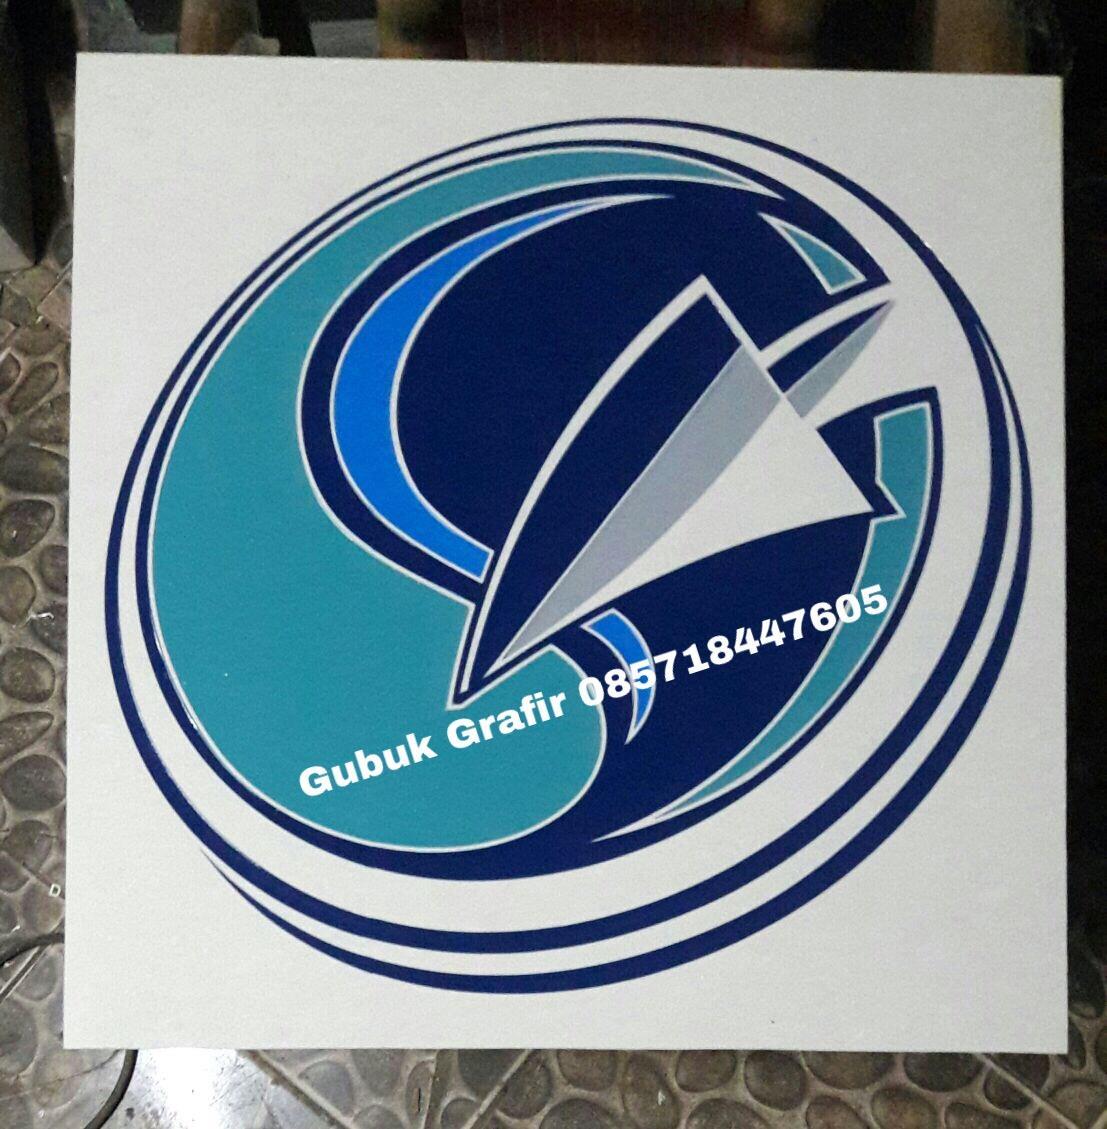 Jual Lantai Grafir Logo 1 Harga Murah Jakarta Oleh Gubuk